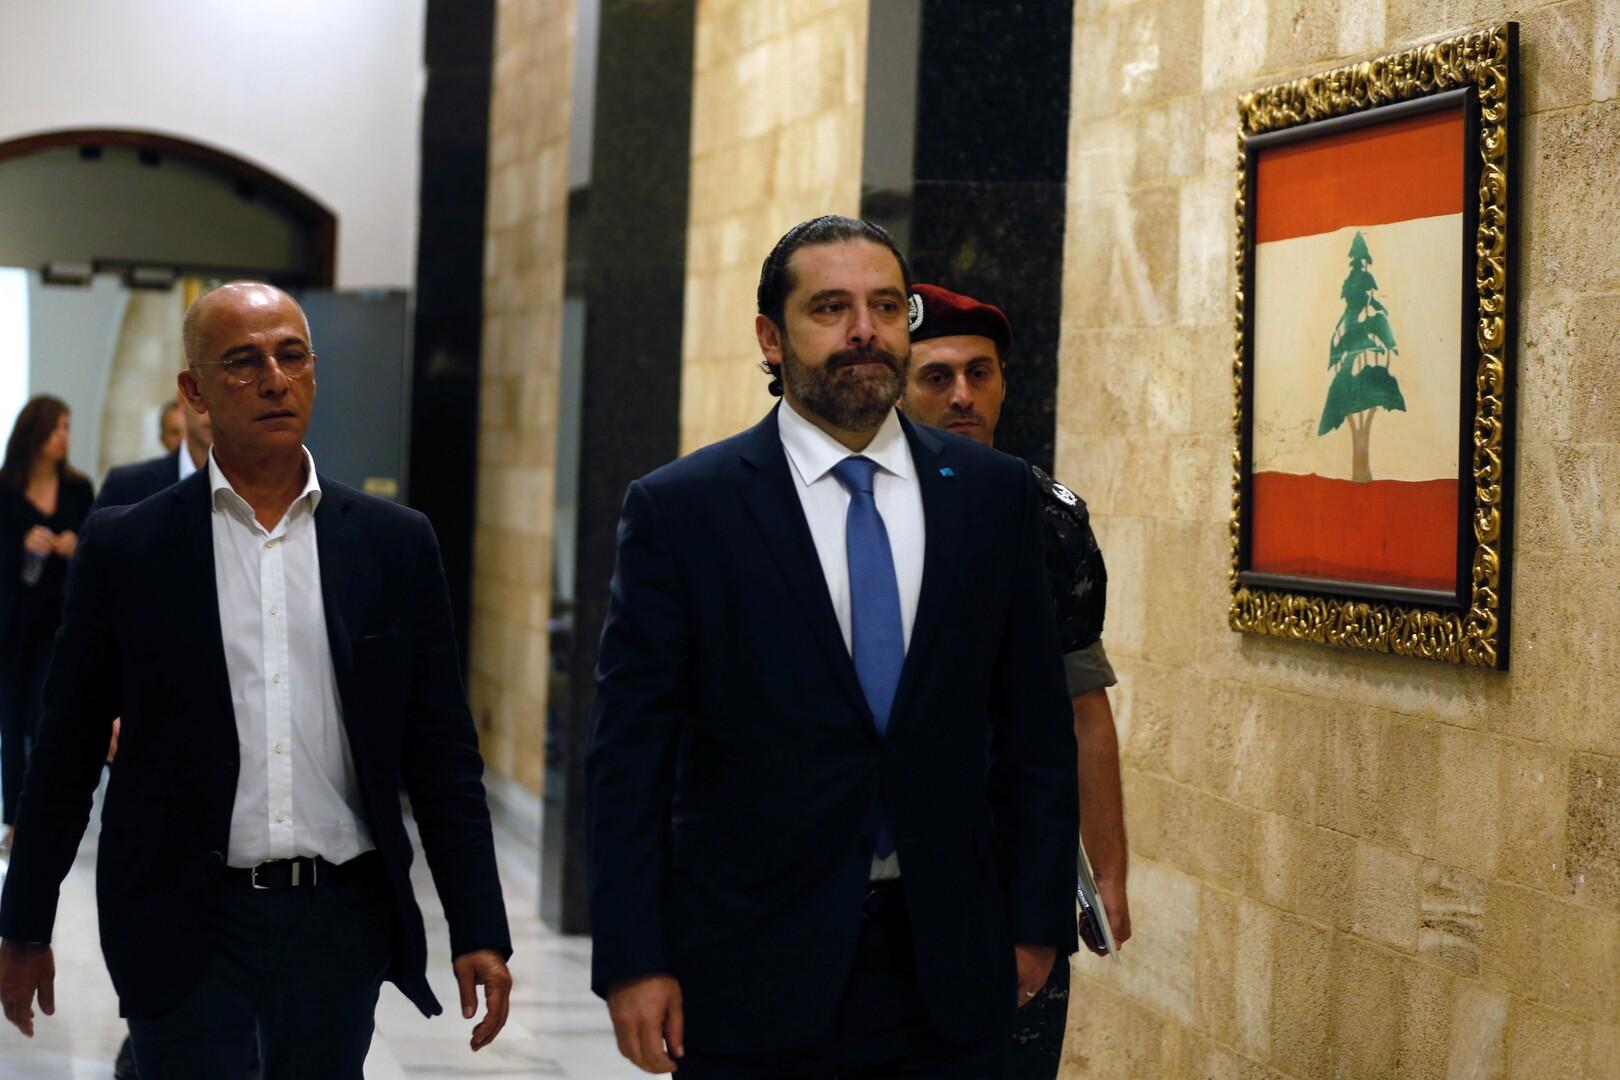 رئيس الوزراء سعد الحريري يصل إلى قصر بعبدا لحضور جلسة لبحث الأزمة التي يشهدها لبنان